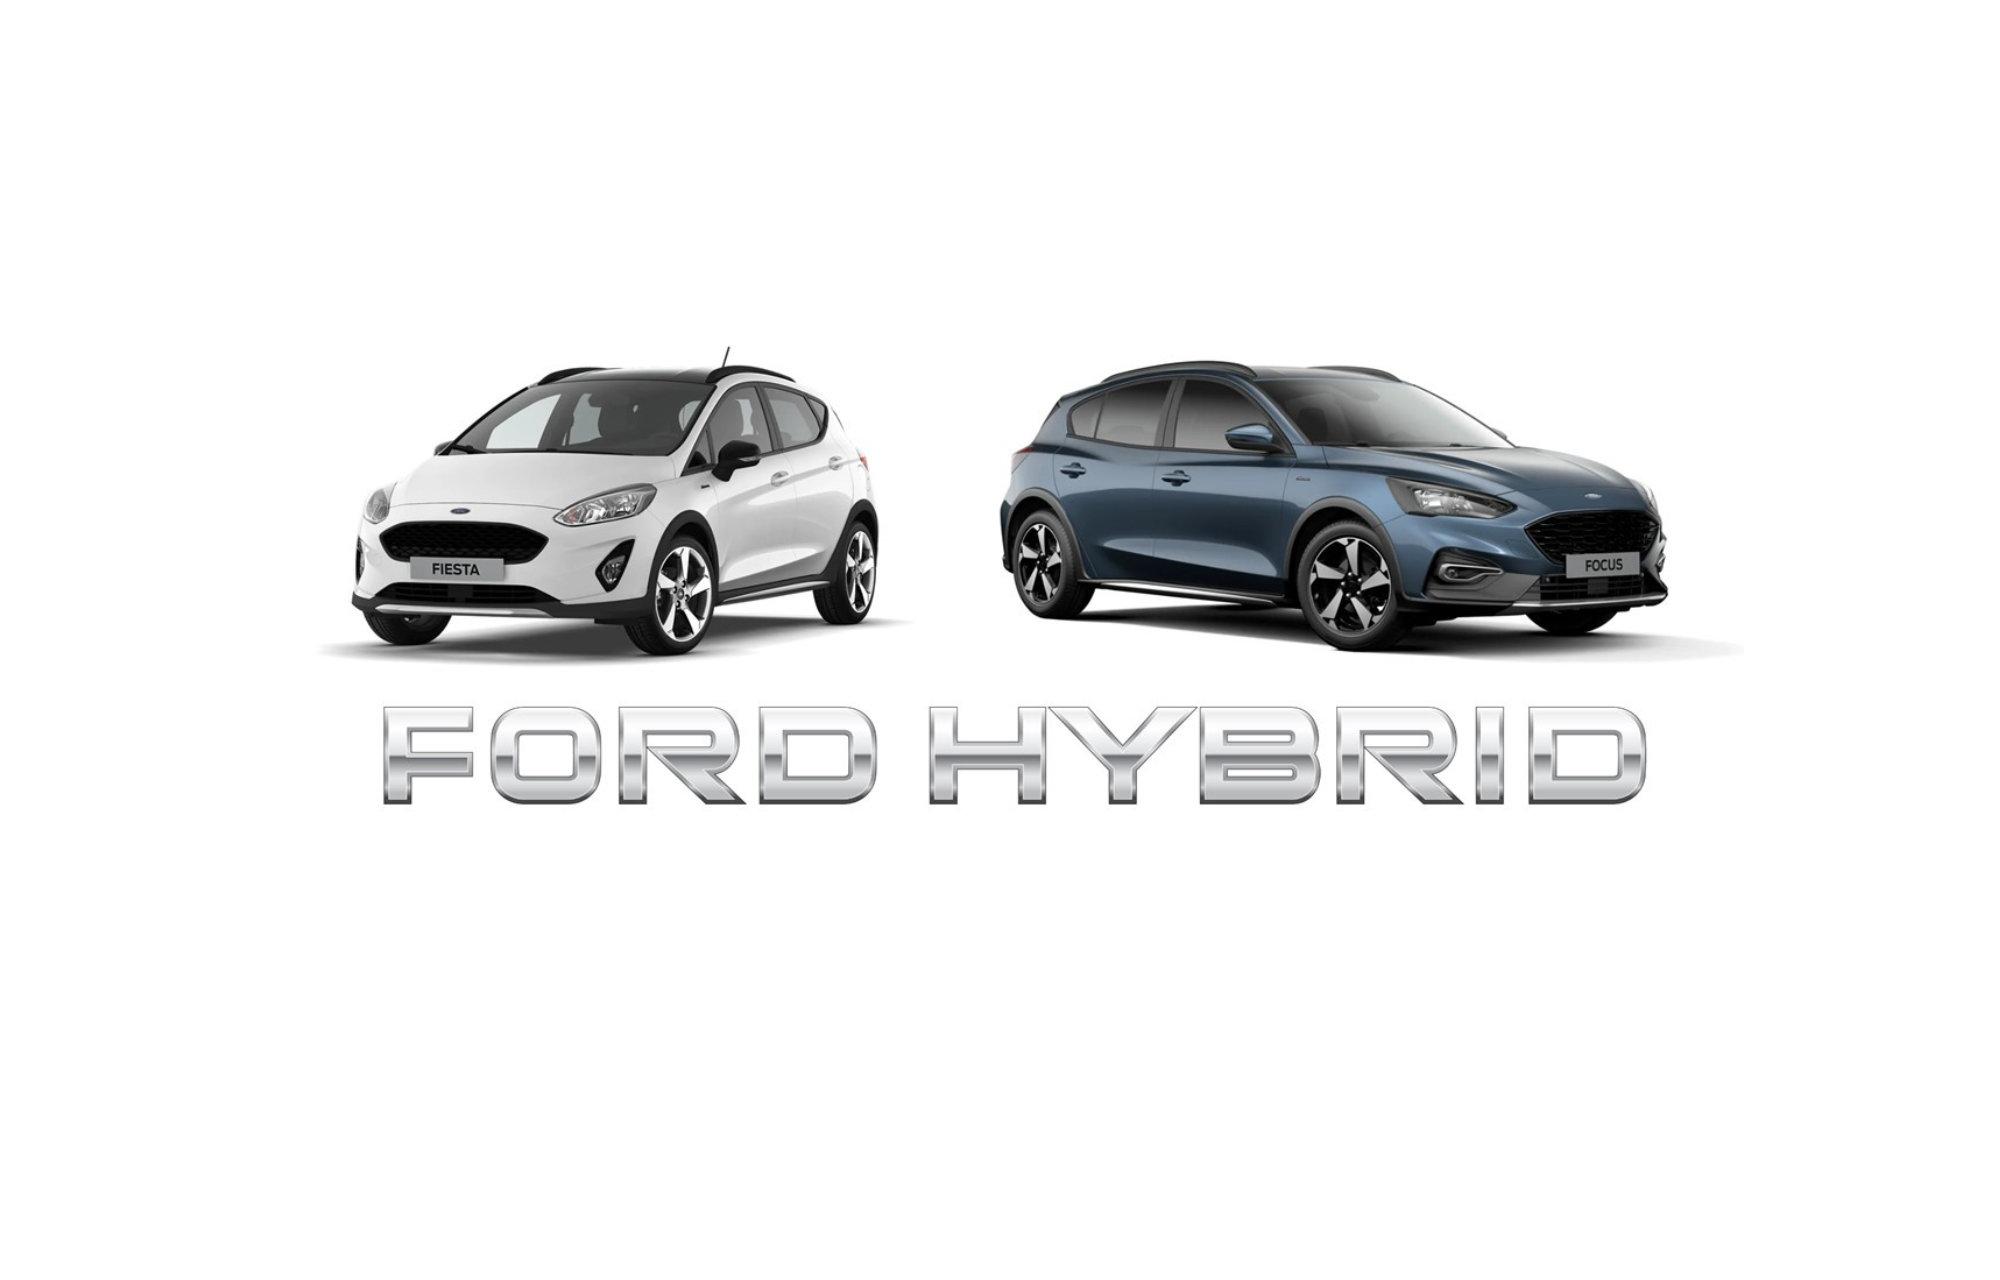 **Fiesta et Focus EcoBoost Hybrid : la nouvelle génération passe à l'hybride pour la première fois**